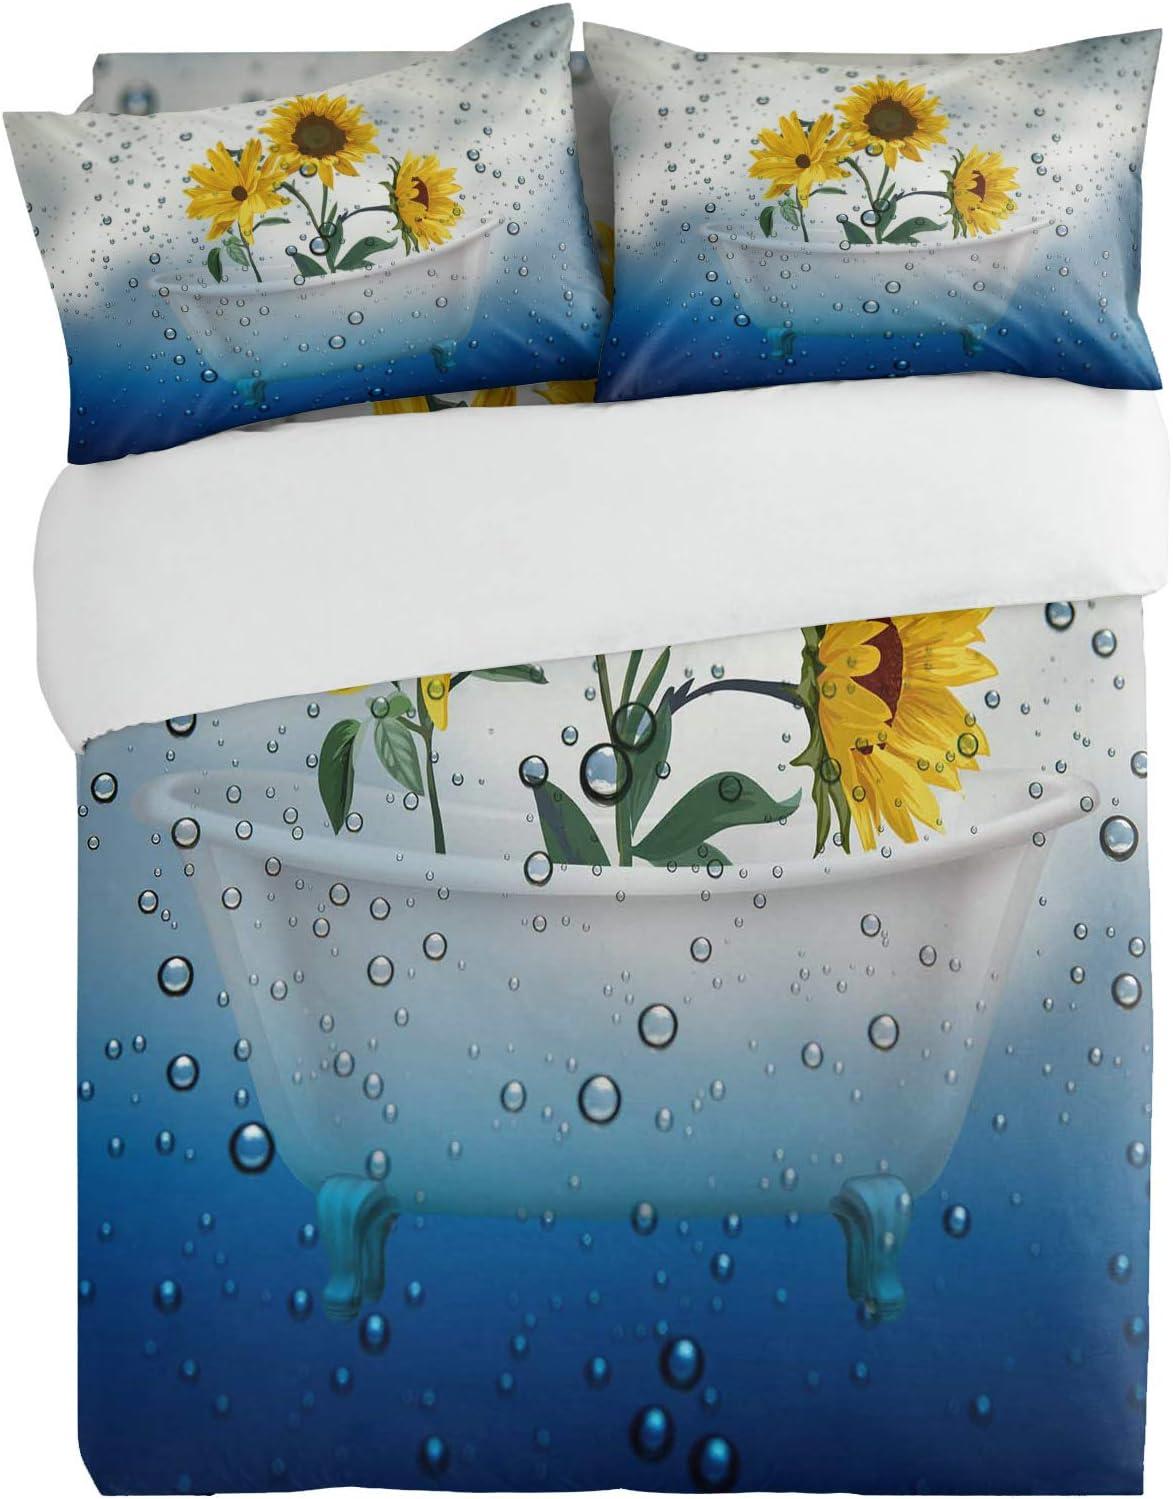 safety OneHoney Yellow Sunflower on Blue Super sale Bathtub Shower Waterdrop 4pcs